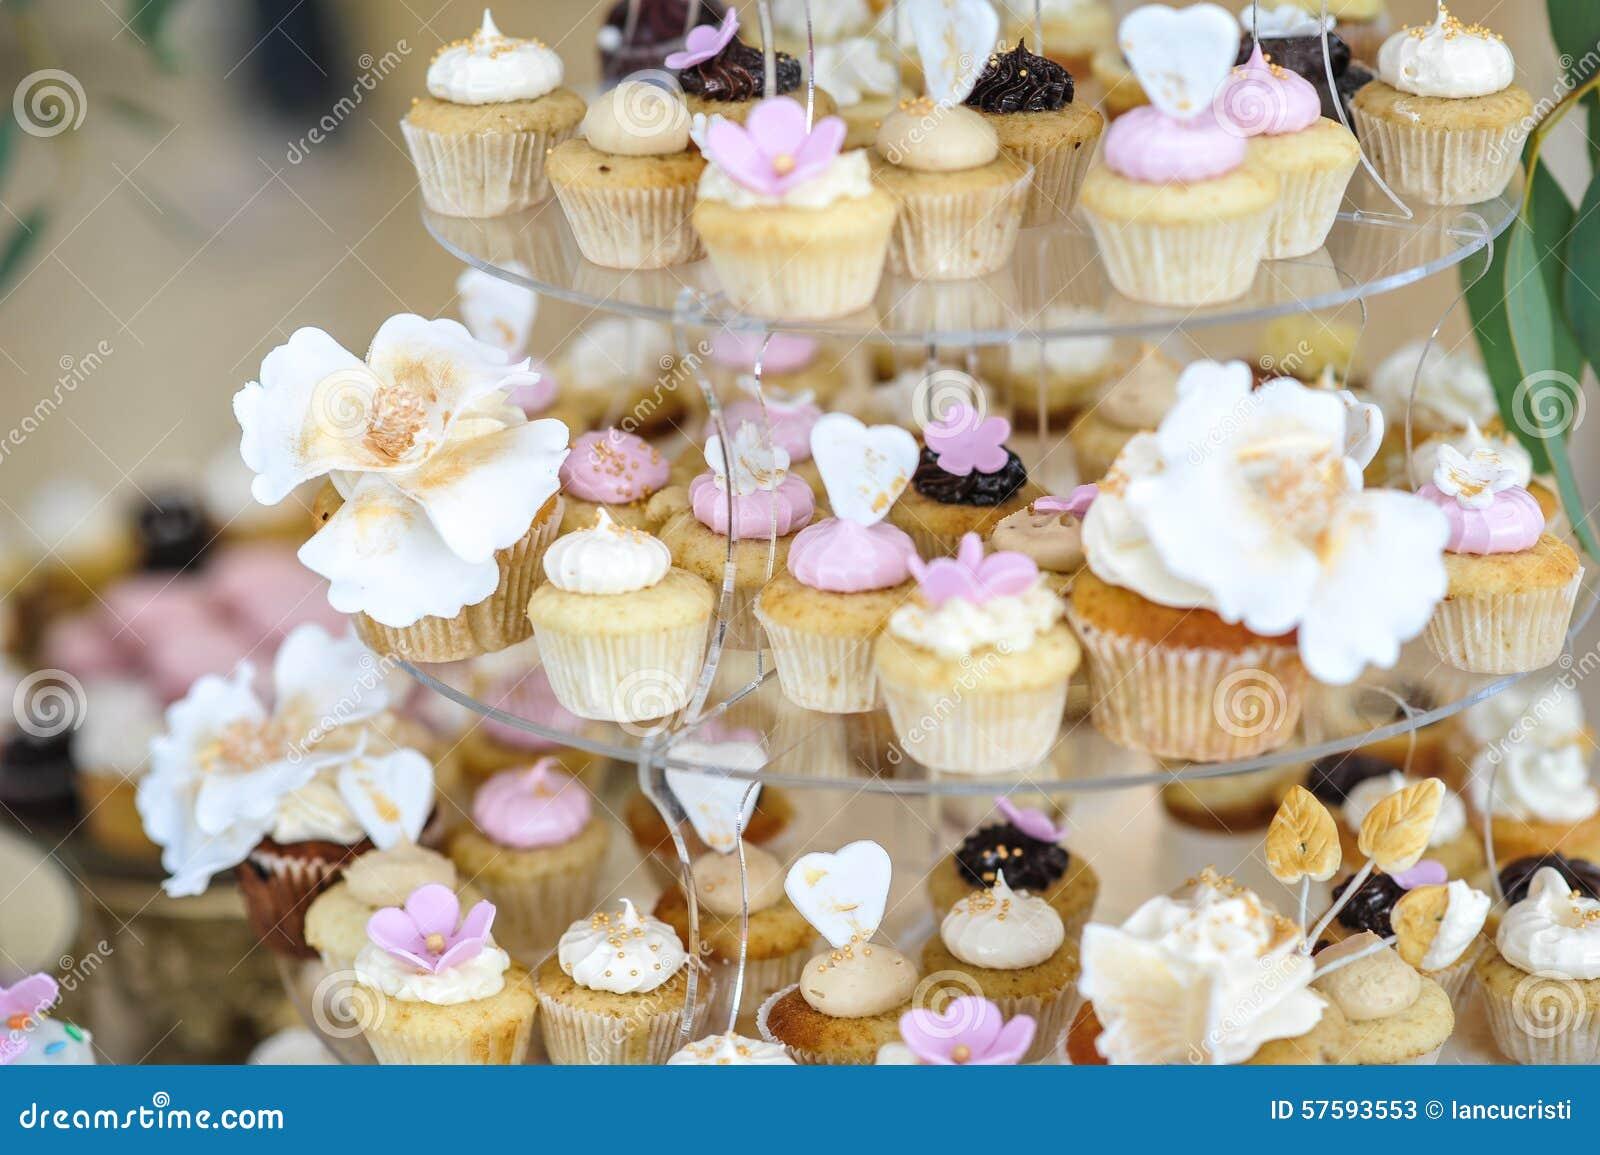 Hochzeitsdekoration Mit Pastell Färbte Kleine Kuchen, Meringen, Kuchen Deko